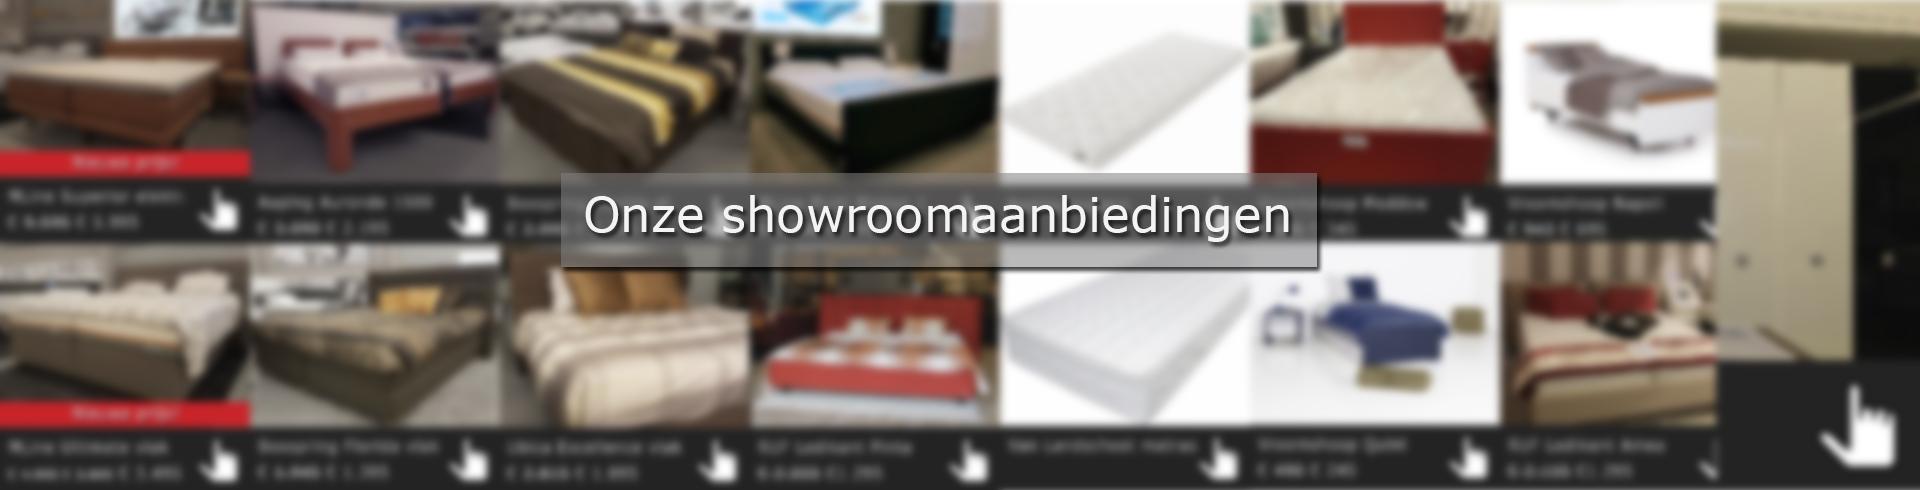 showroom aanbieding